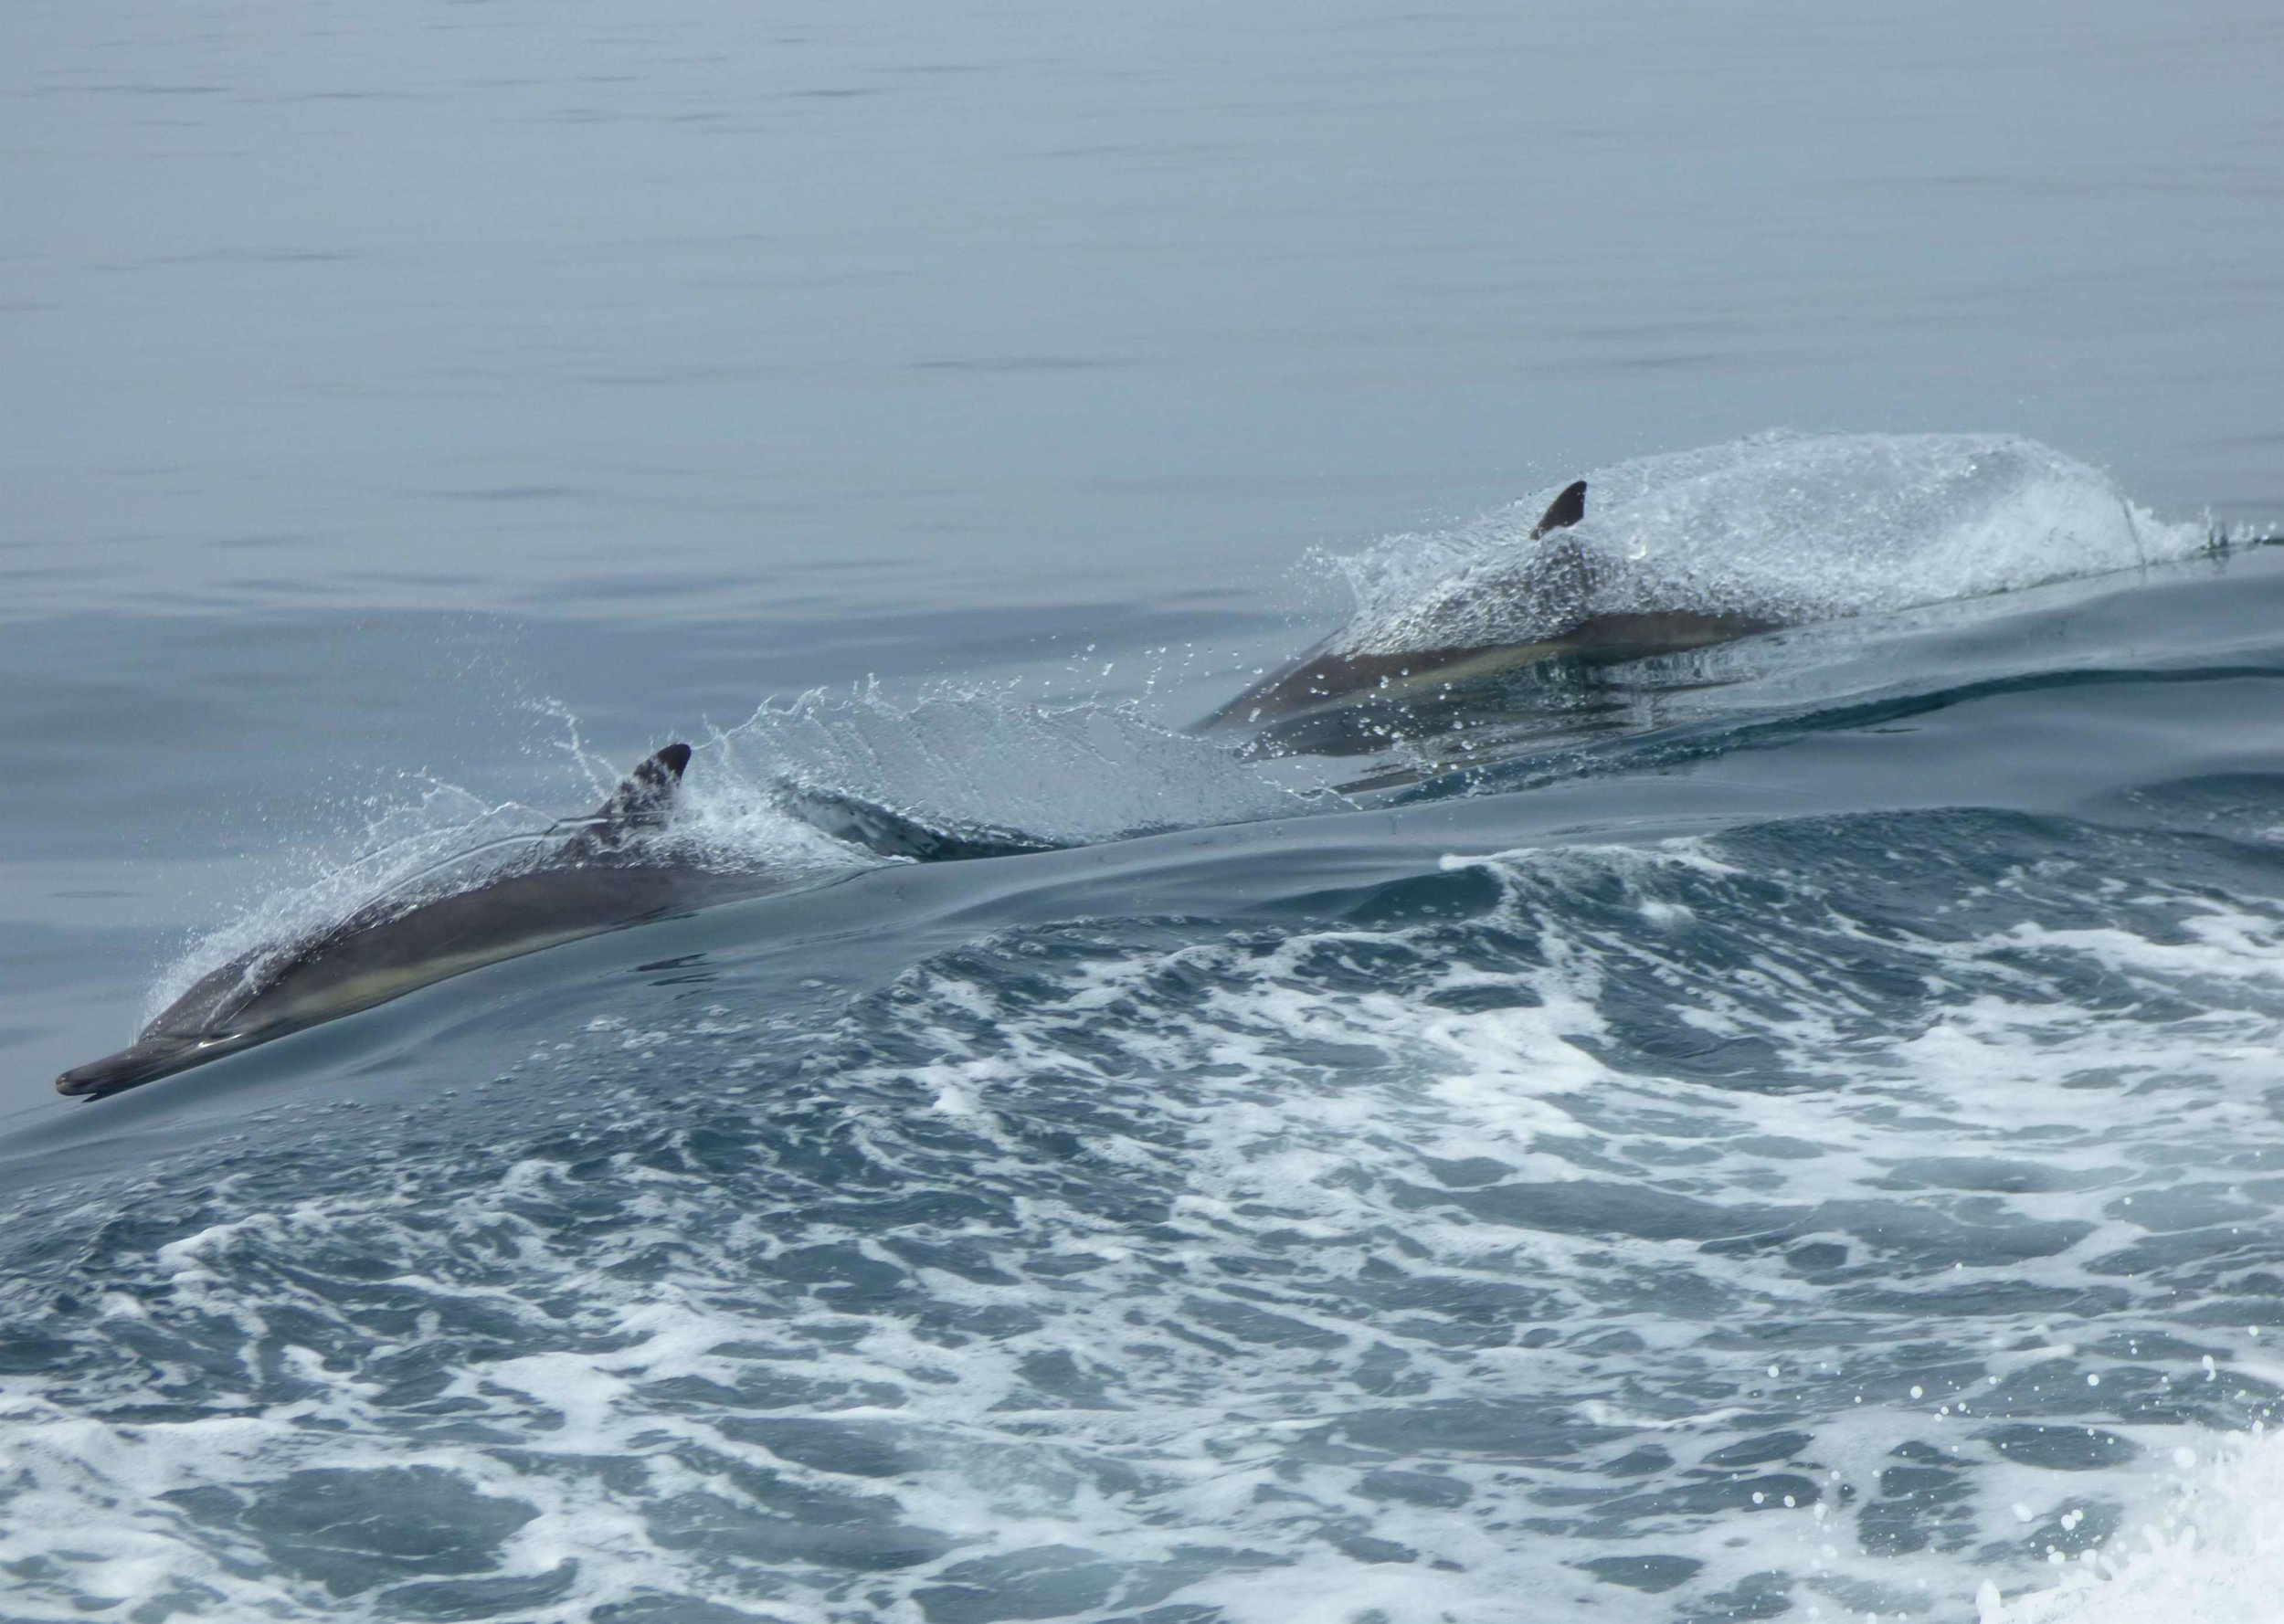 Venettämme seurasi mennen tullen kymmenien delfiinien parvi. Ne tykkäsivät hyppiä veneestä syntyvien aaltojen yli joten kapteenimme äityi vähän mutkittelemaan. Valaista sen sijaan en saanut tällä kertaa kuvaa.